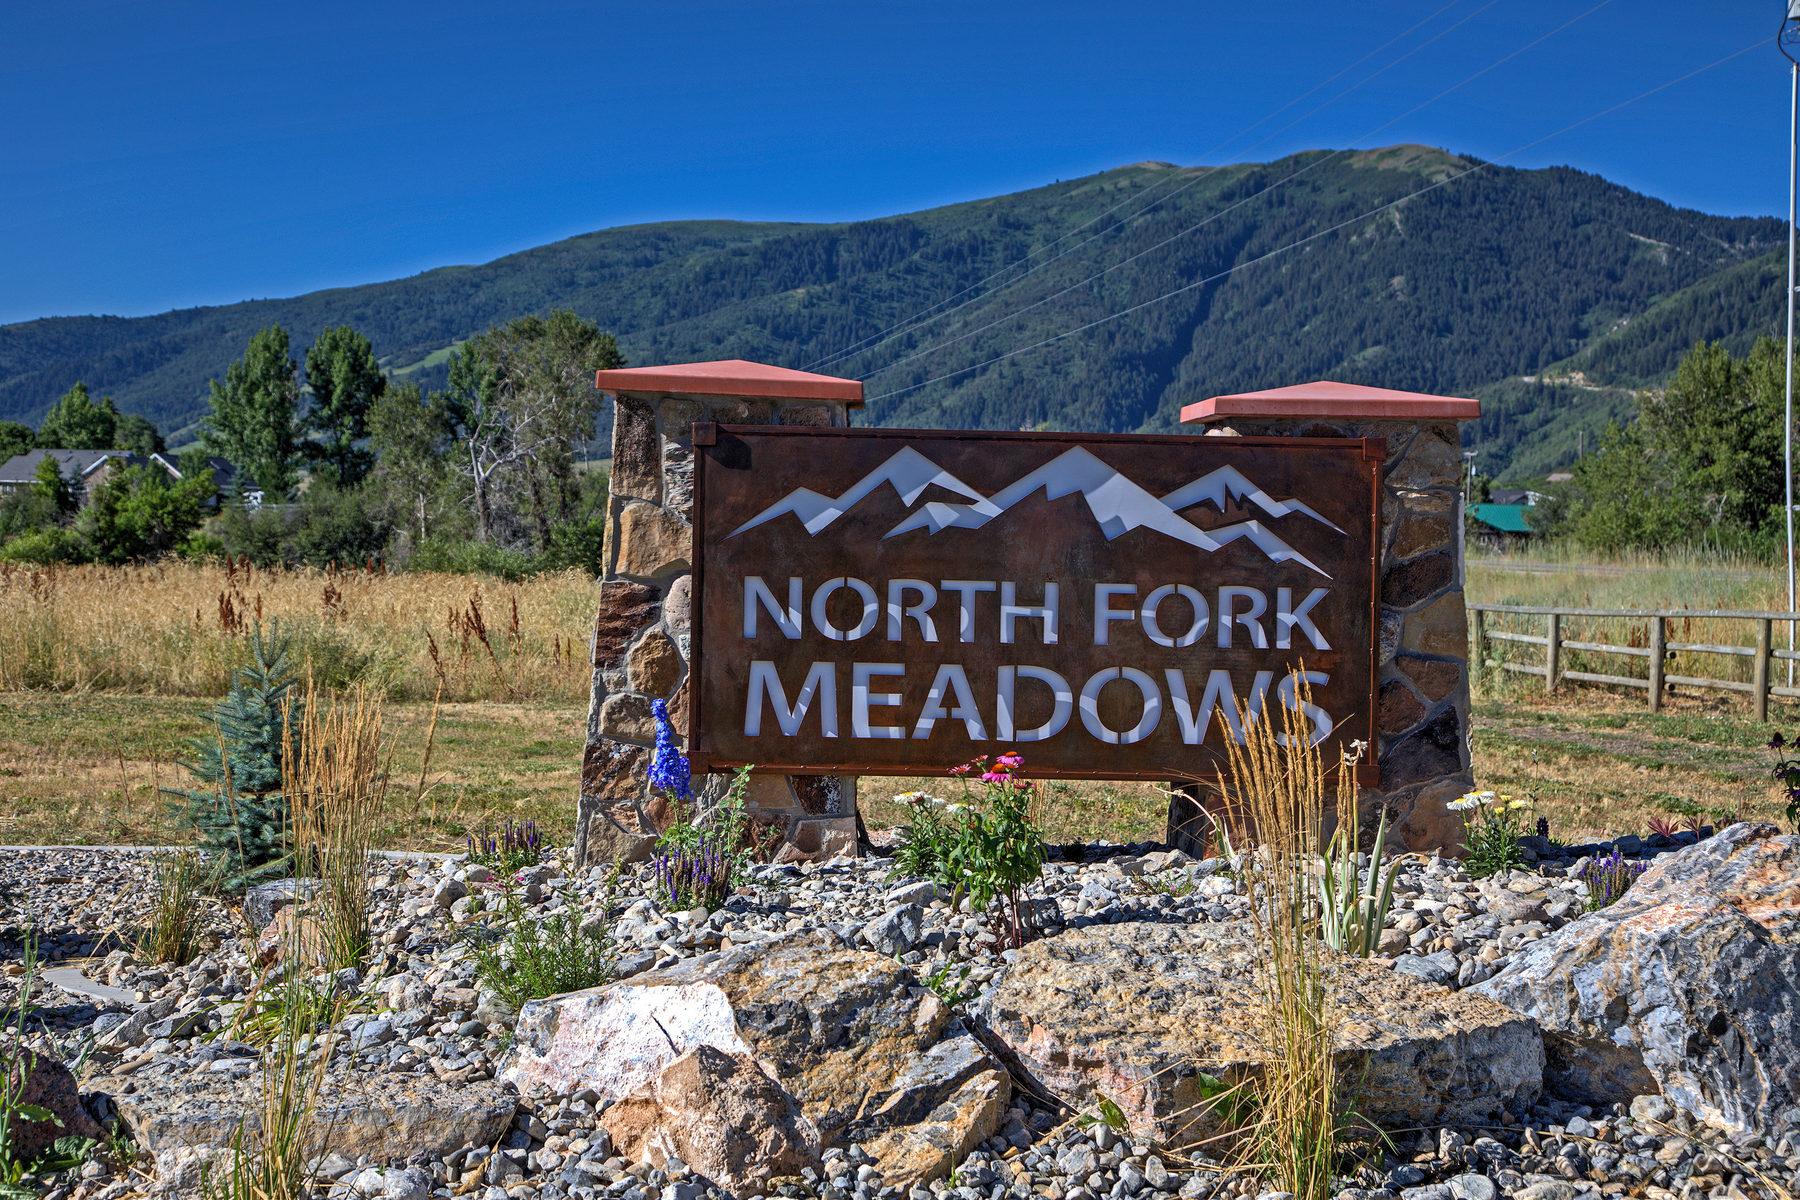 Terreno por un Venta en Build Your Dream Home in Eden Utah 3201 East 5225 North Lot 9 Eden, Utah, 84310 Estados Unidos